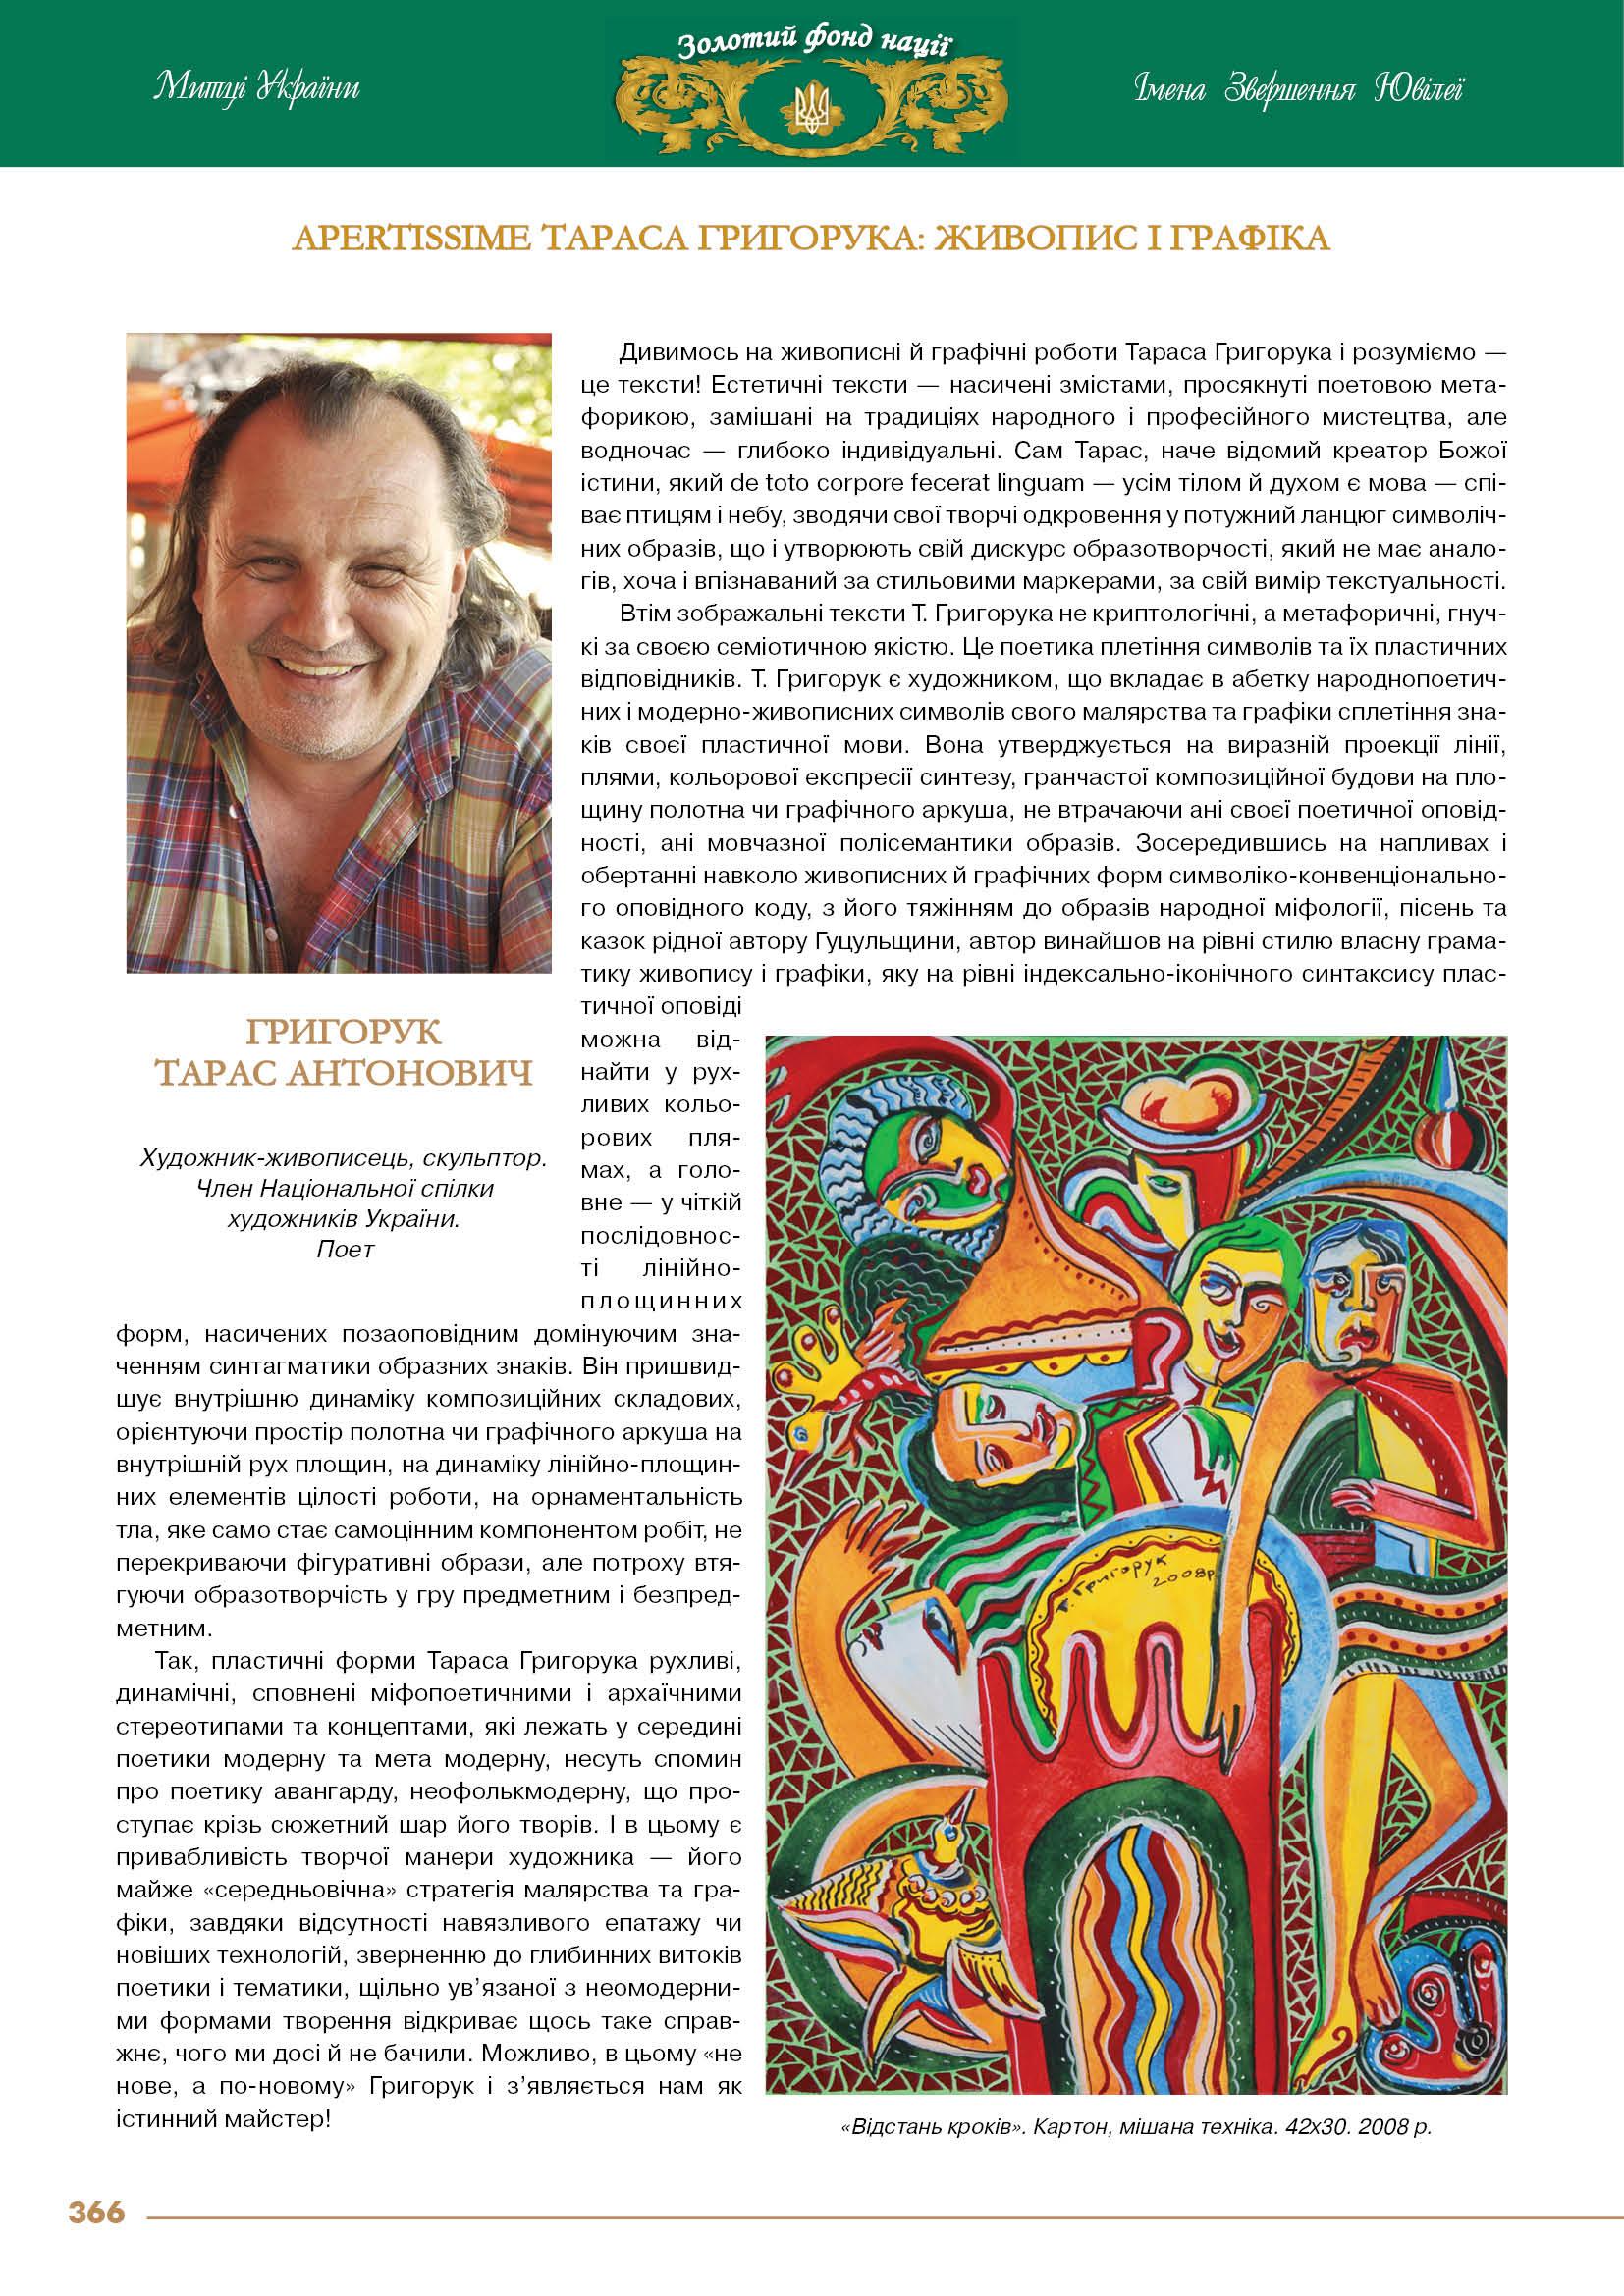 Григорук Тарас Антонович